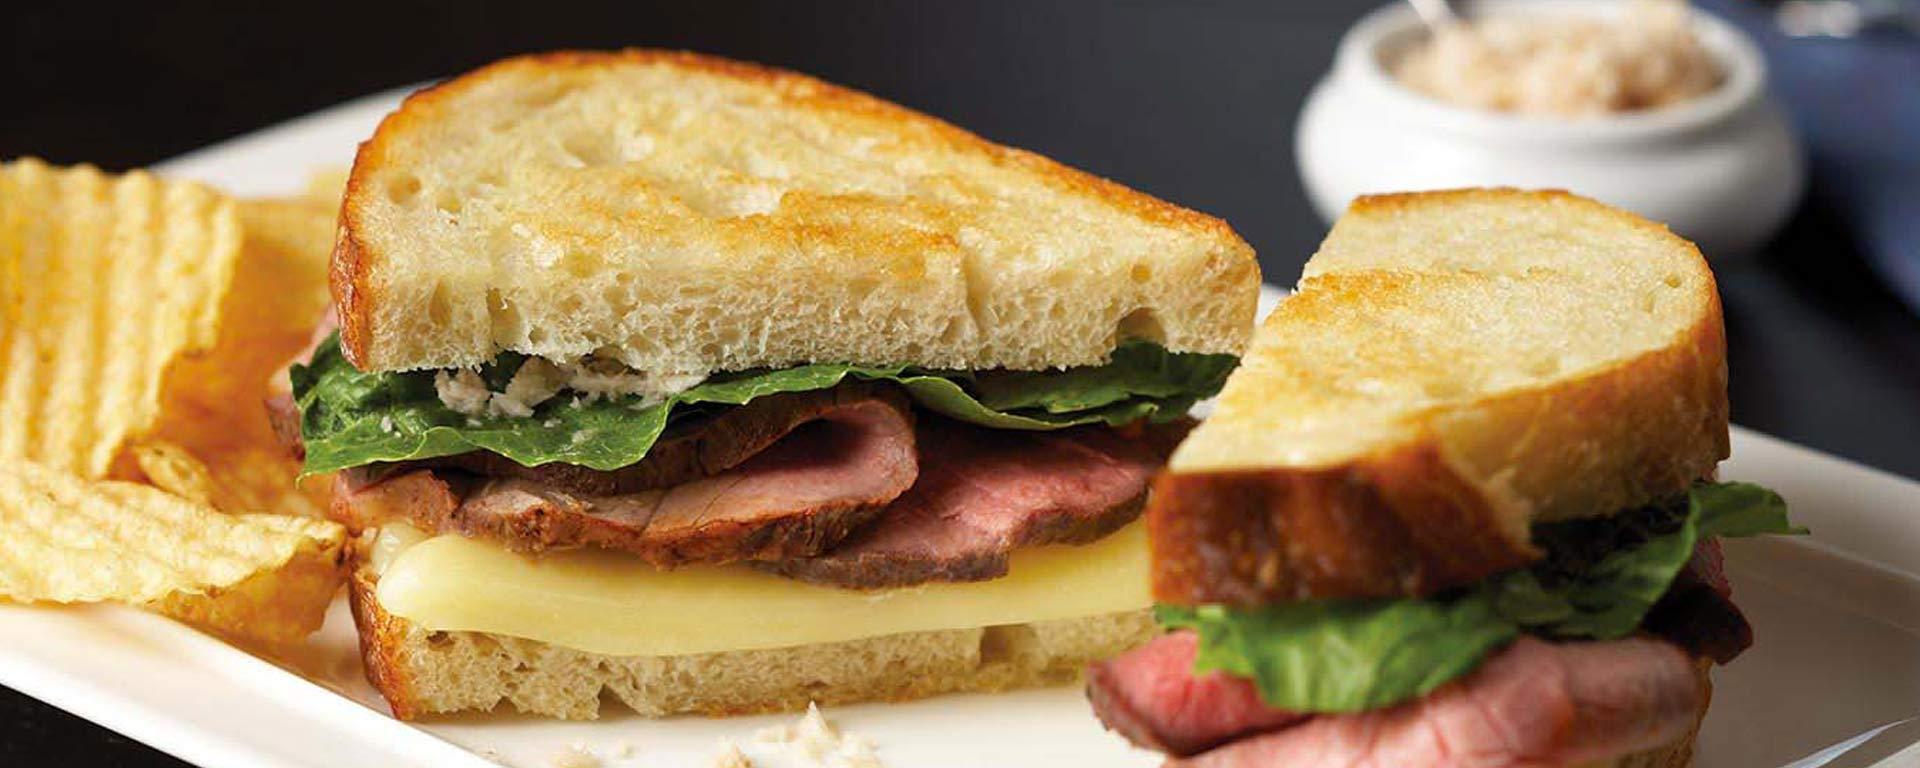 Photo for - Sandwich Grillé au Fromage, au Rosbif et au Raifort